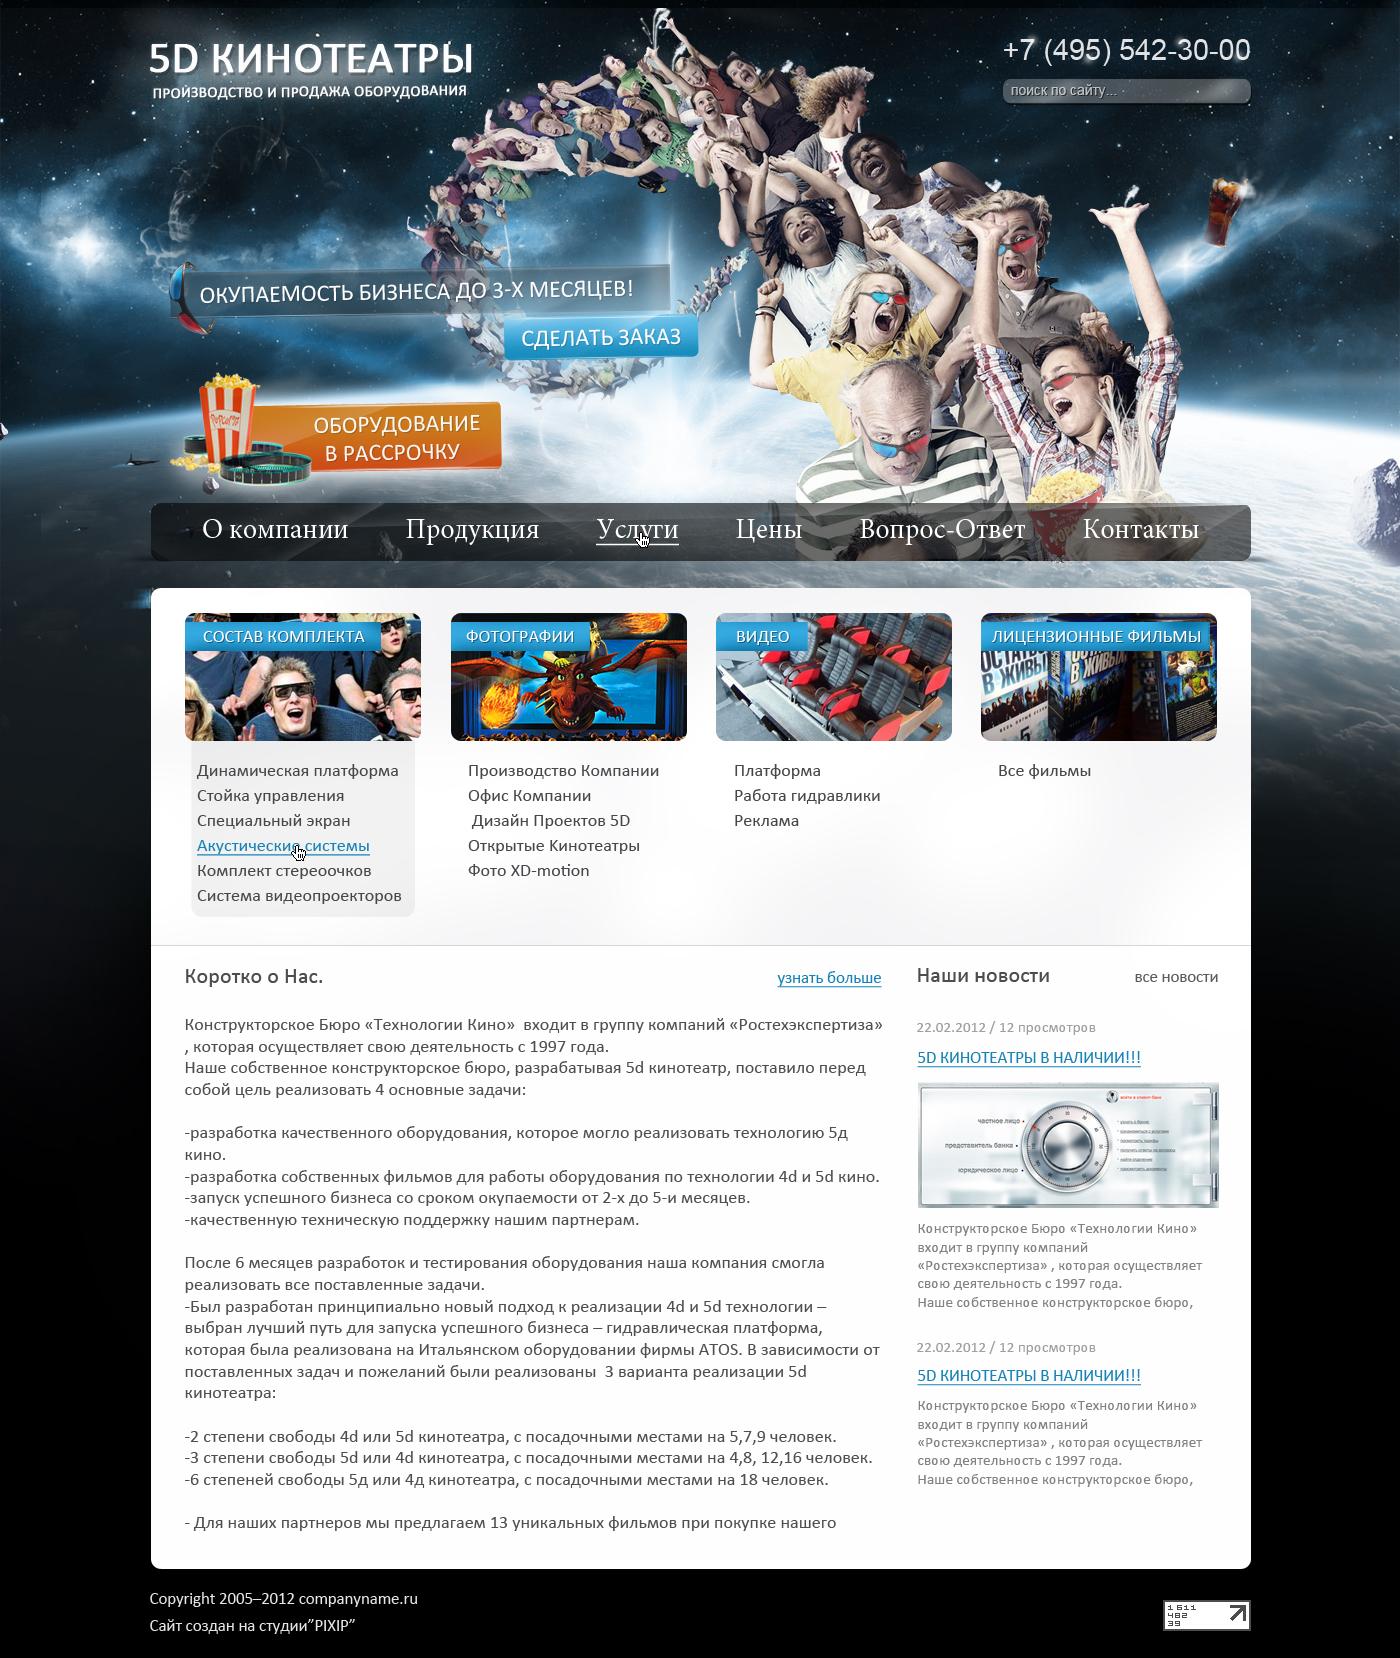 5д кинотеатры, производство и продажа оборудования